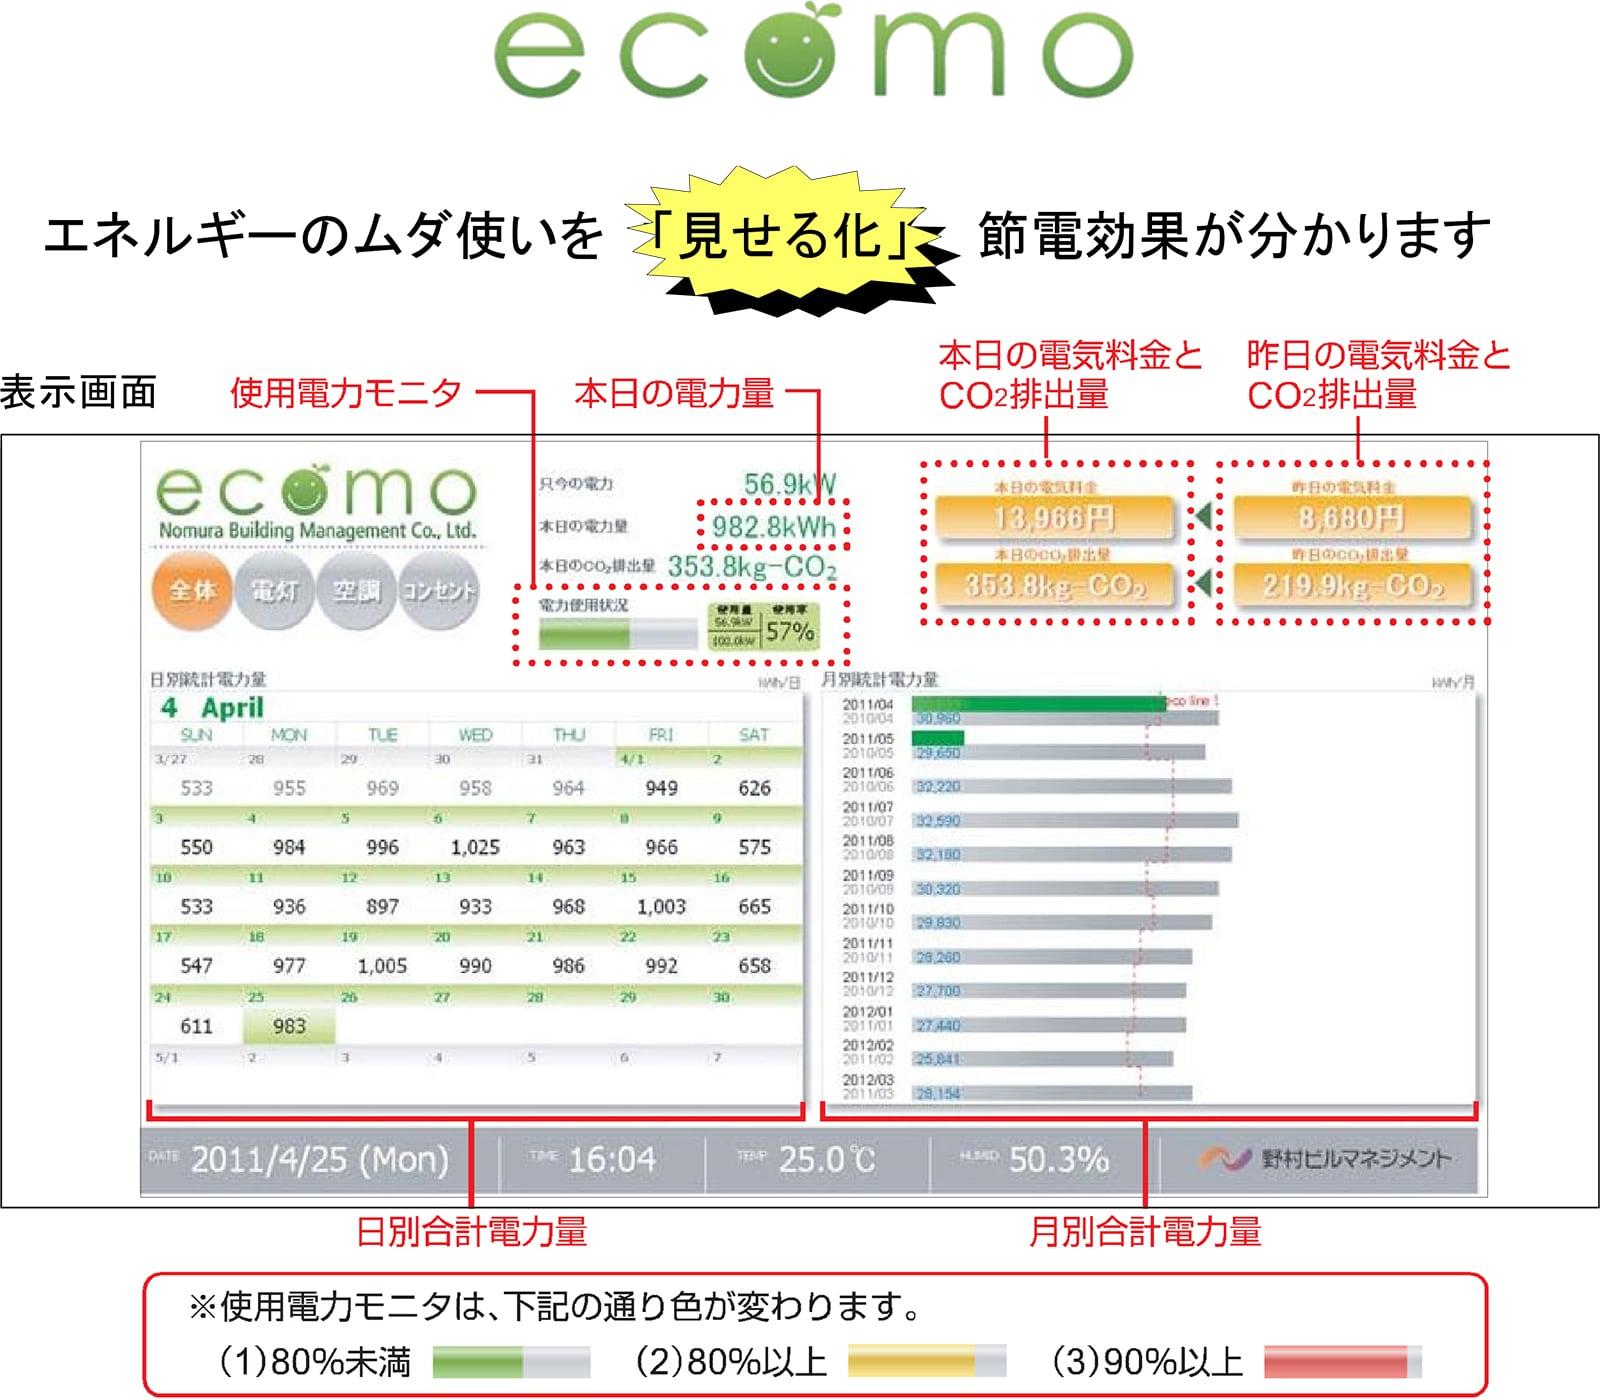 エネルギー使用量監視システムの説明